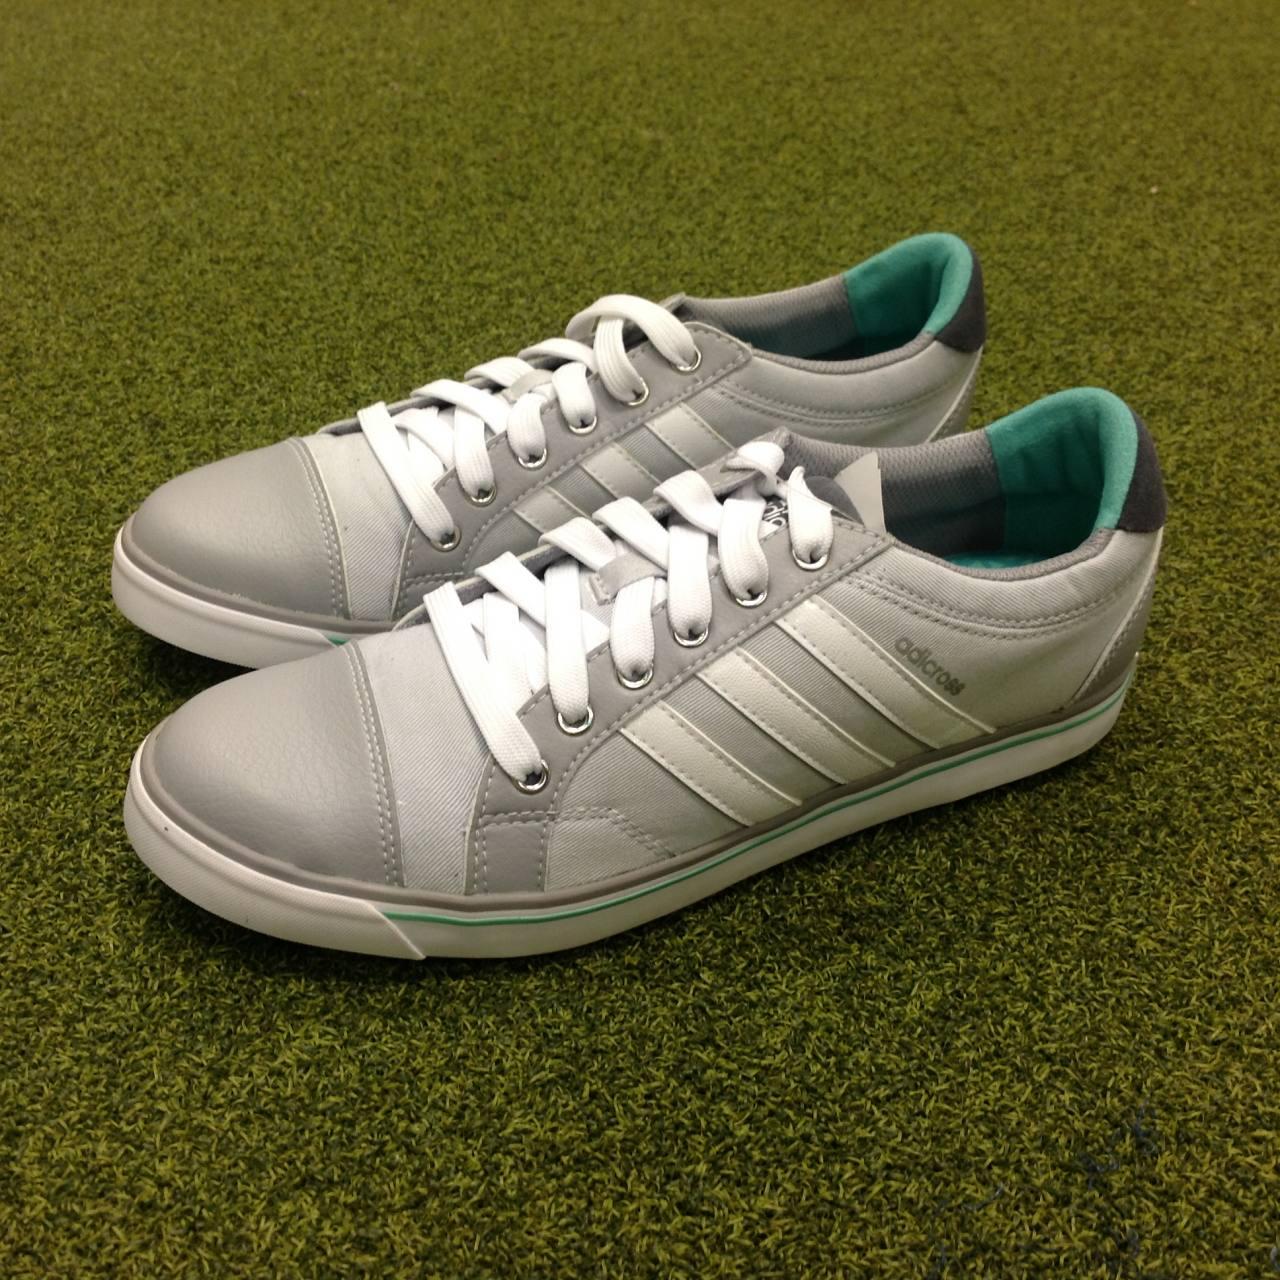 Nuovo Signore Da Adidas Adicross Primeknit Scarpe Da Signore Golf Uk Numero Noi 7 f94438